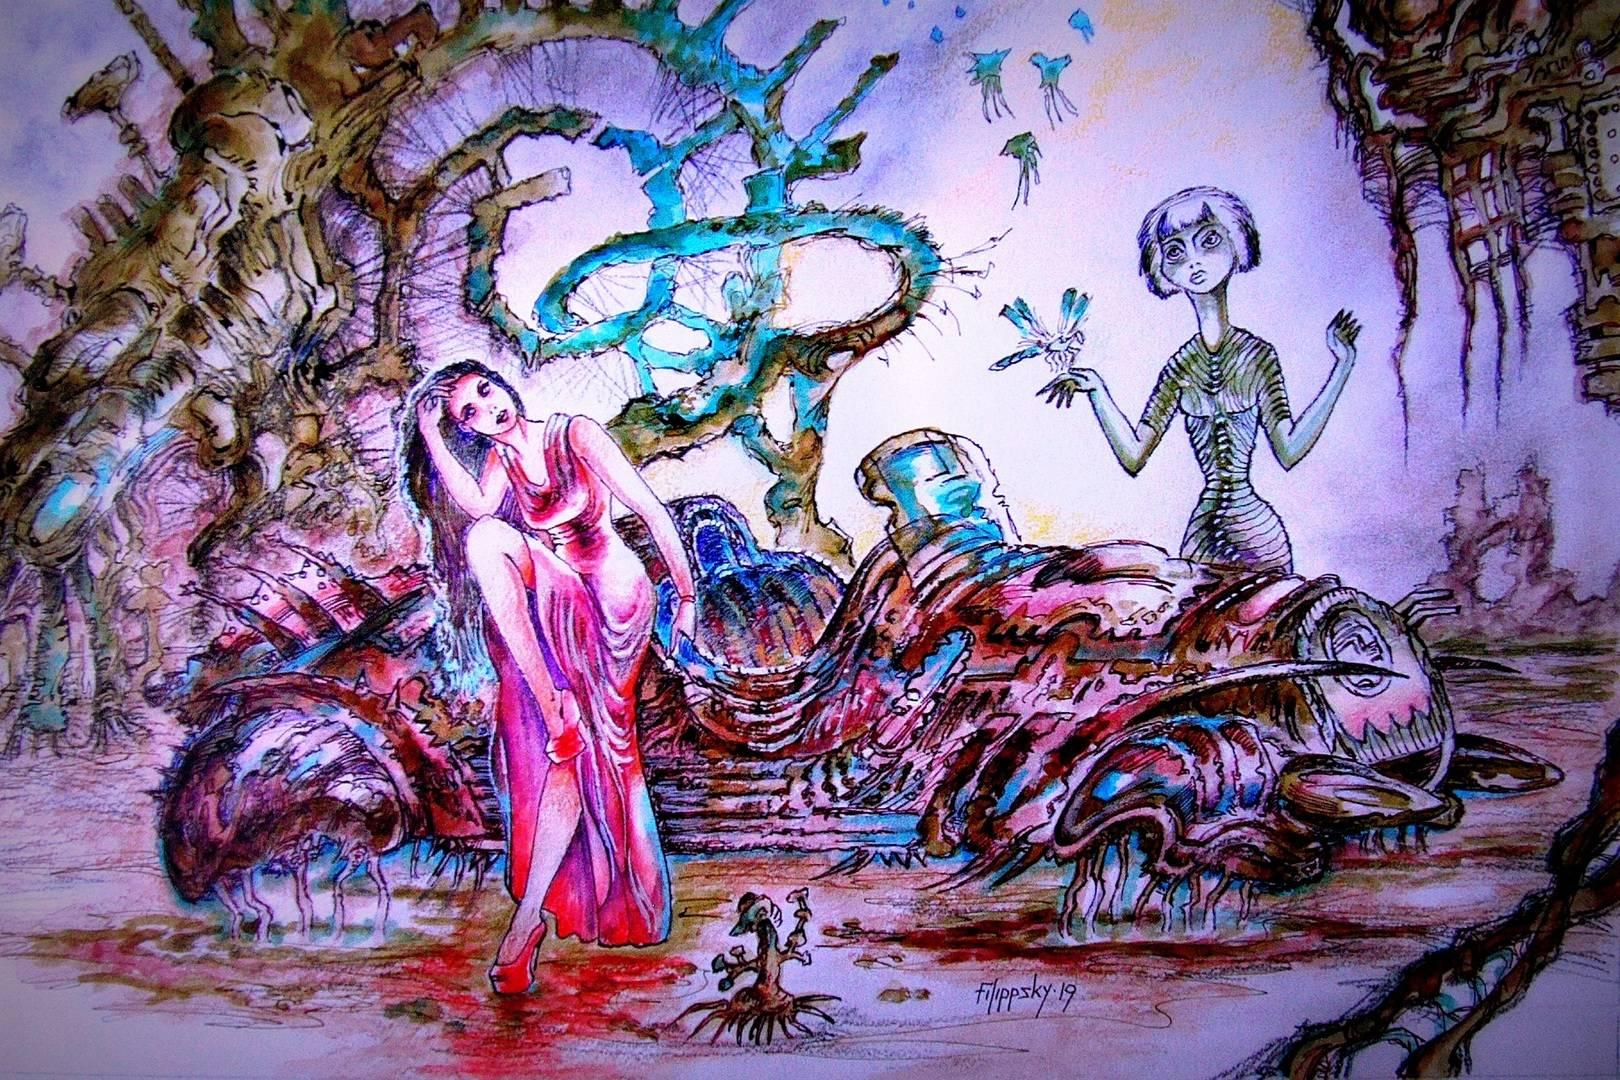 Левитирующий биомеханический глайдер со своими знакомыми инопланетянами в образе девушек.